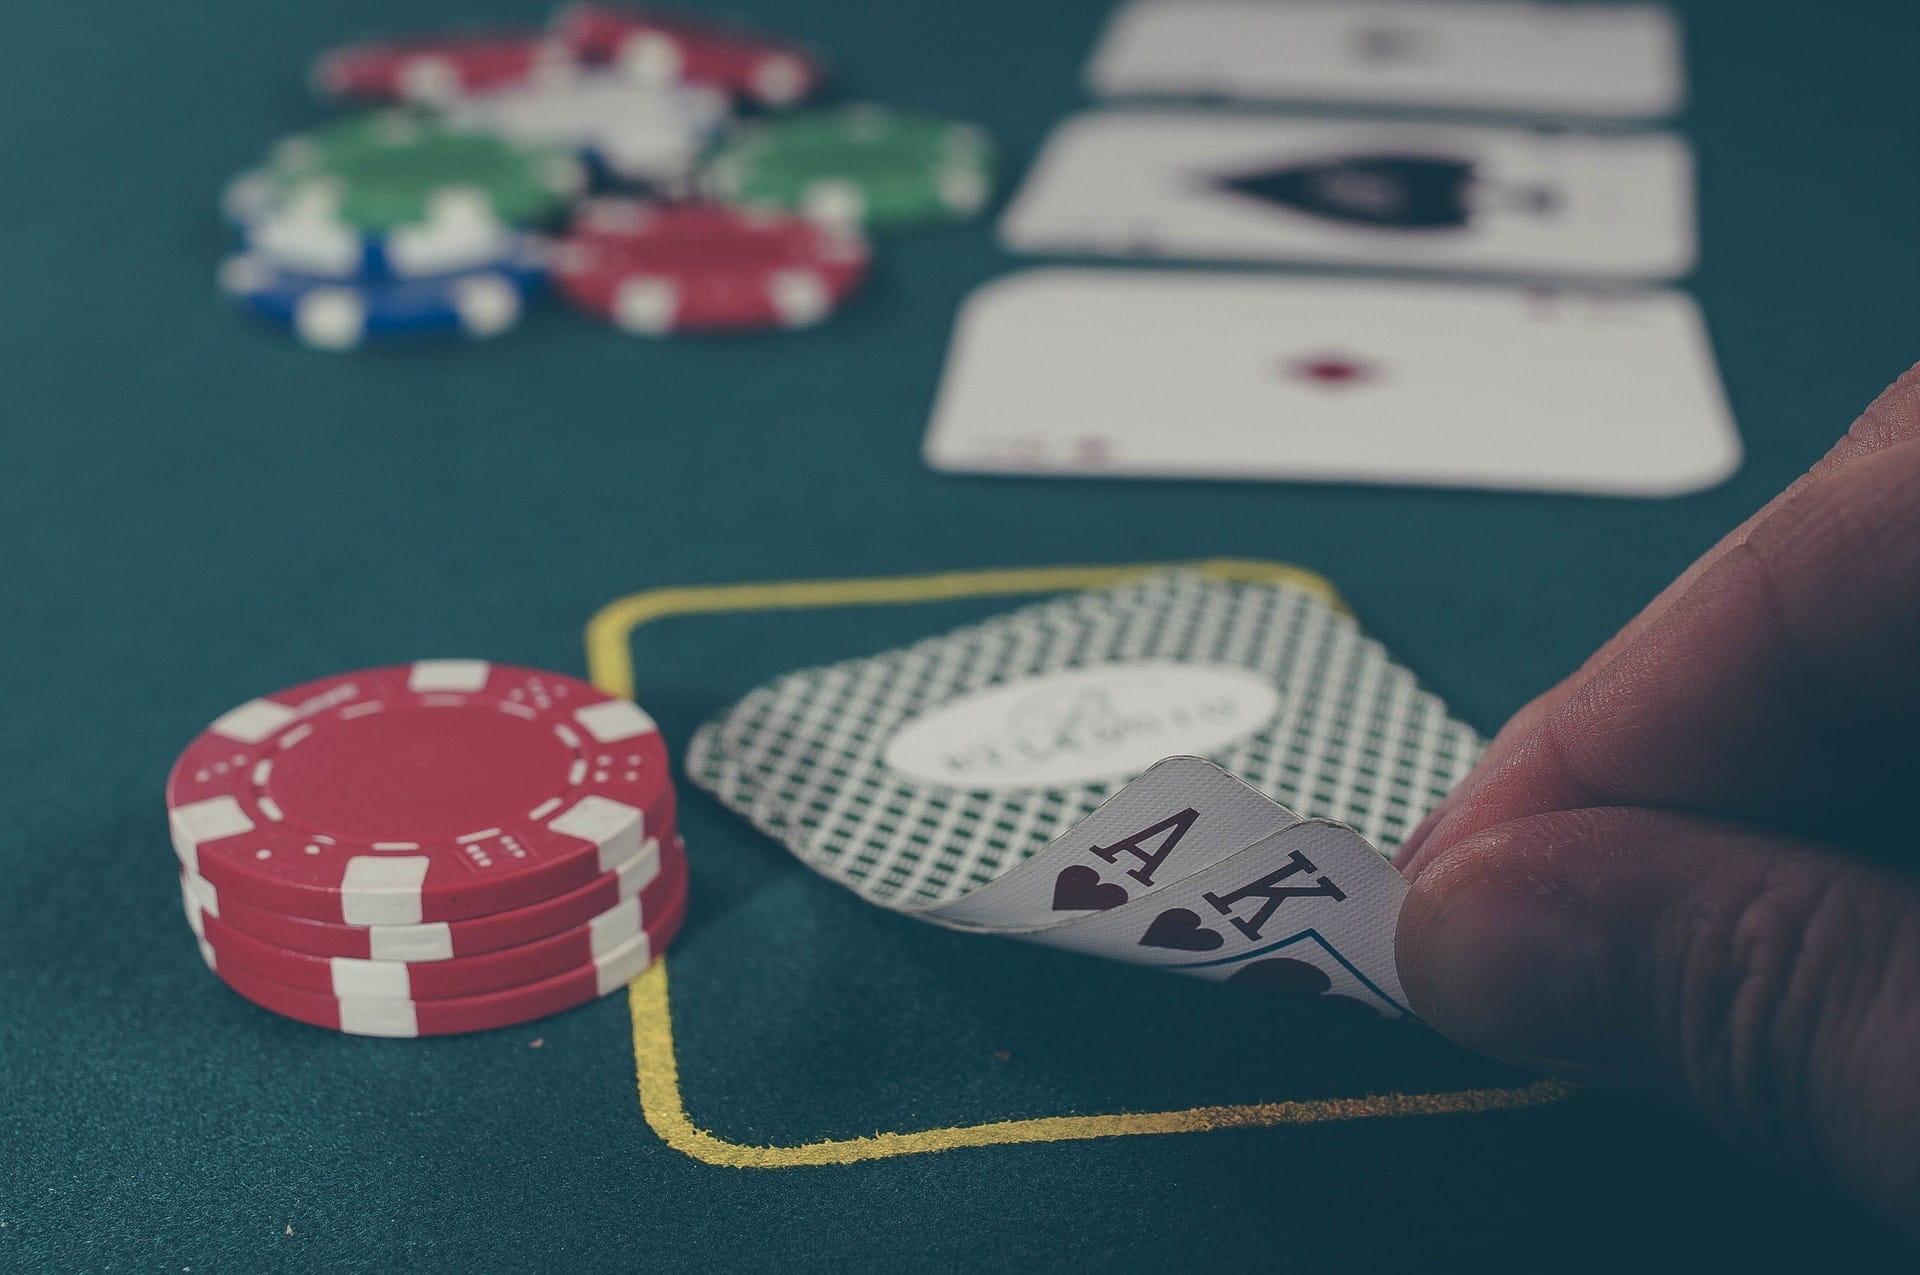 Seorang pemain melihat kartu remi tanpa benar-benar mengungkapkannya.  Ada beberapa chip game di sebelahnya.